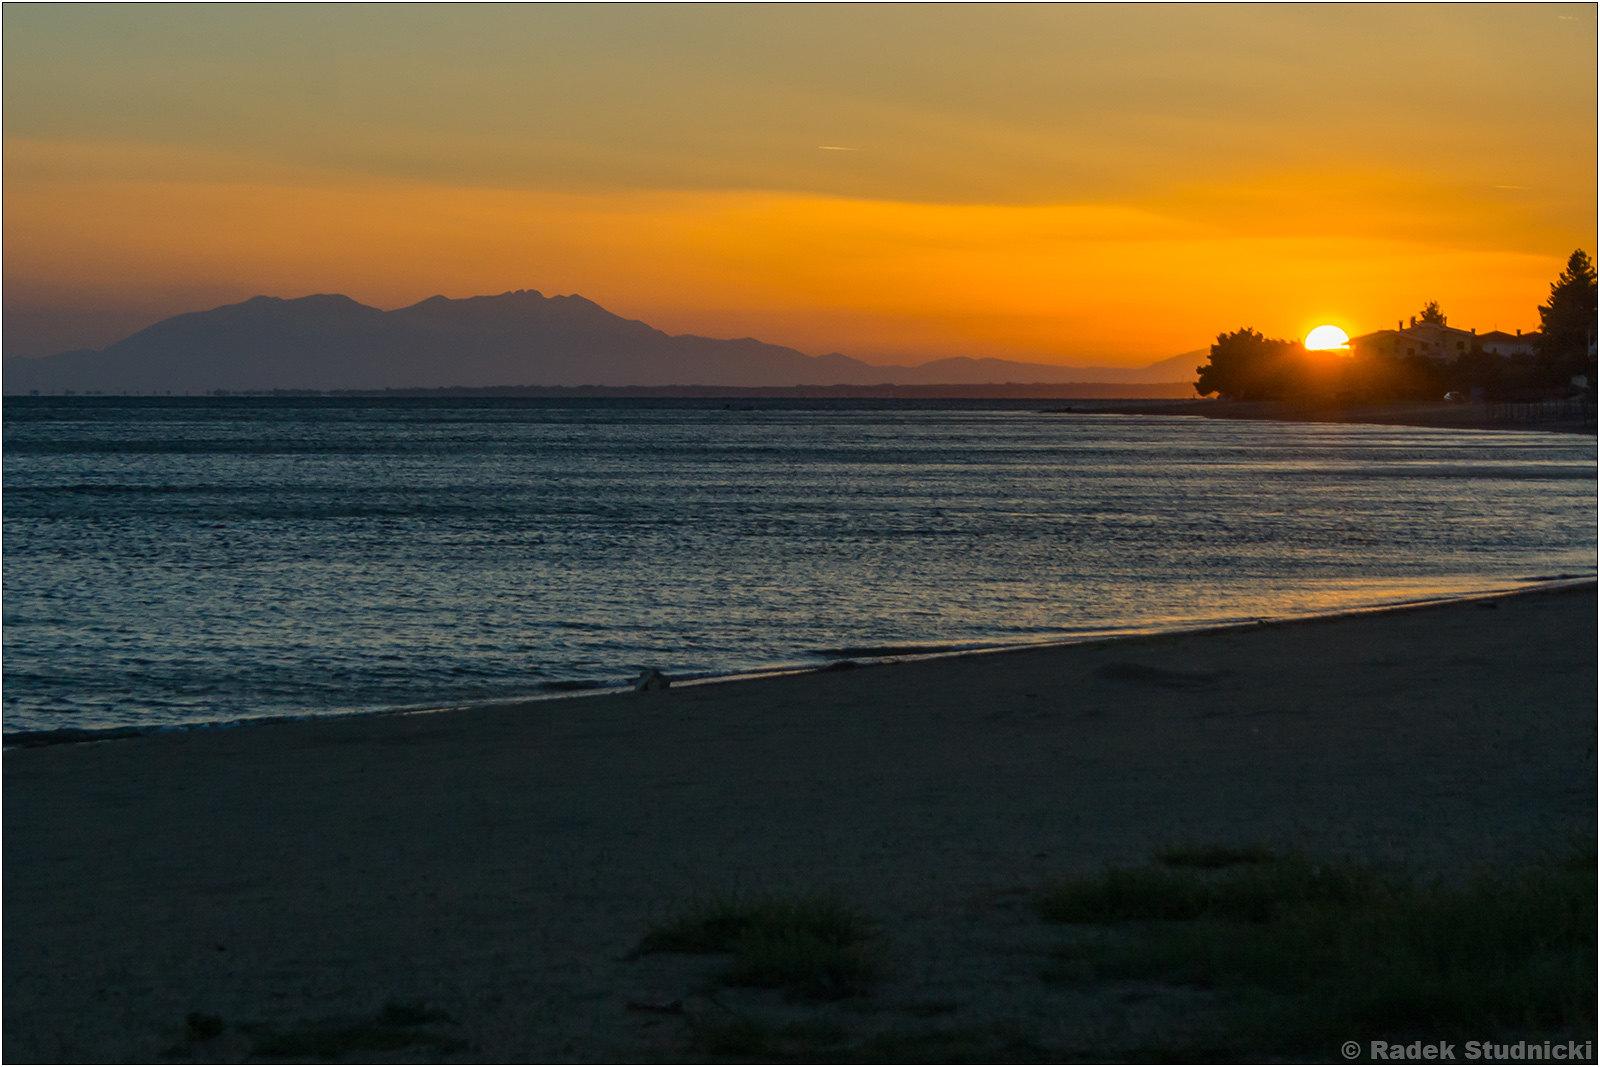 Zachód słońca nad Morzem Egejskim